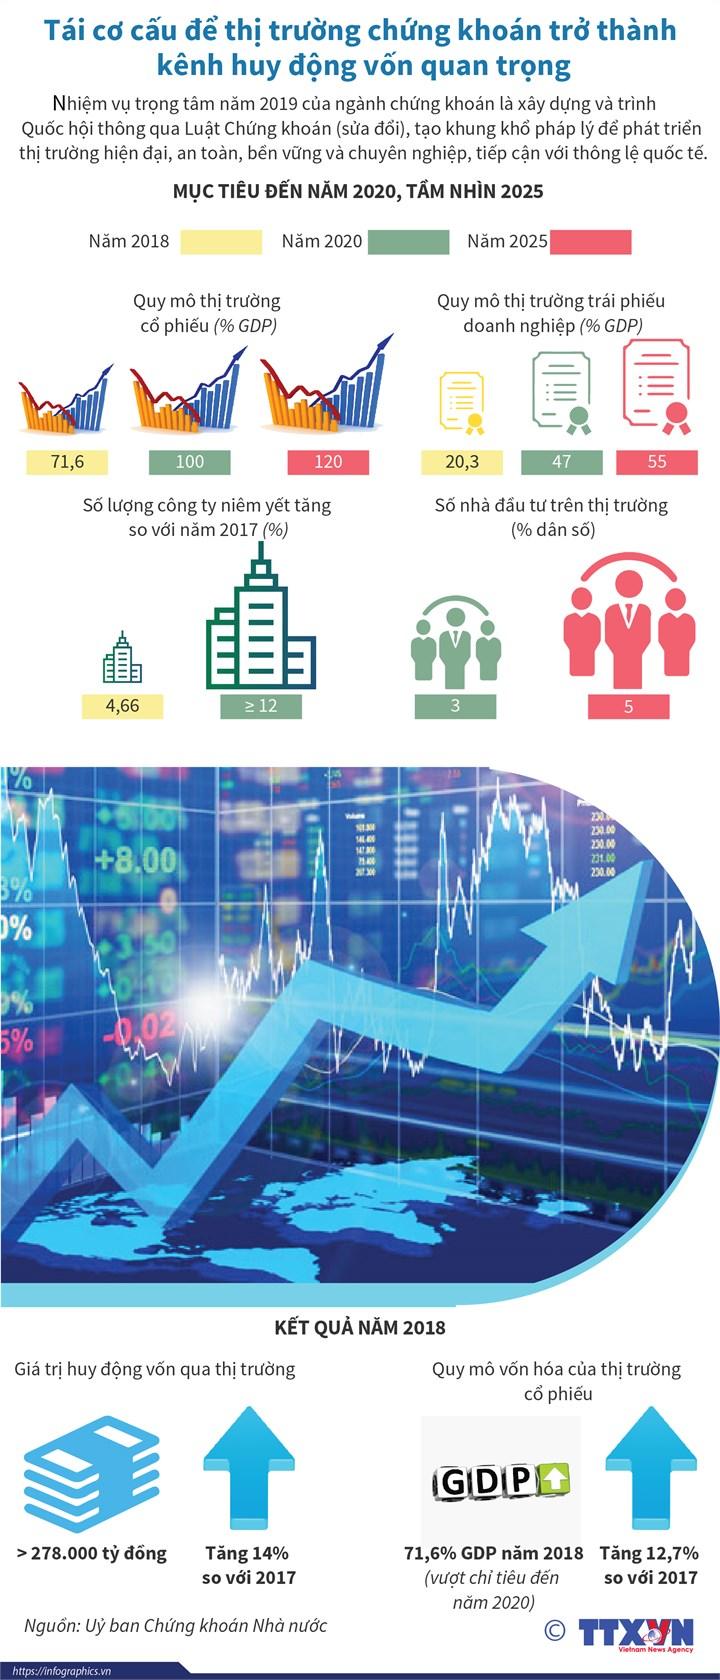 [Infographic] Tái cơ cấu để thị trường chứng khoán trở thành kênh huy động vốn quan trọng - Ảnh 1